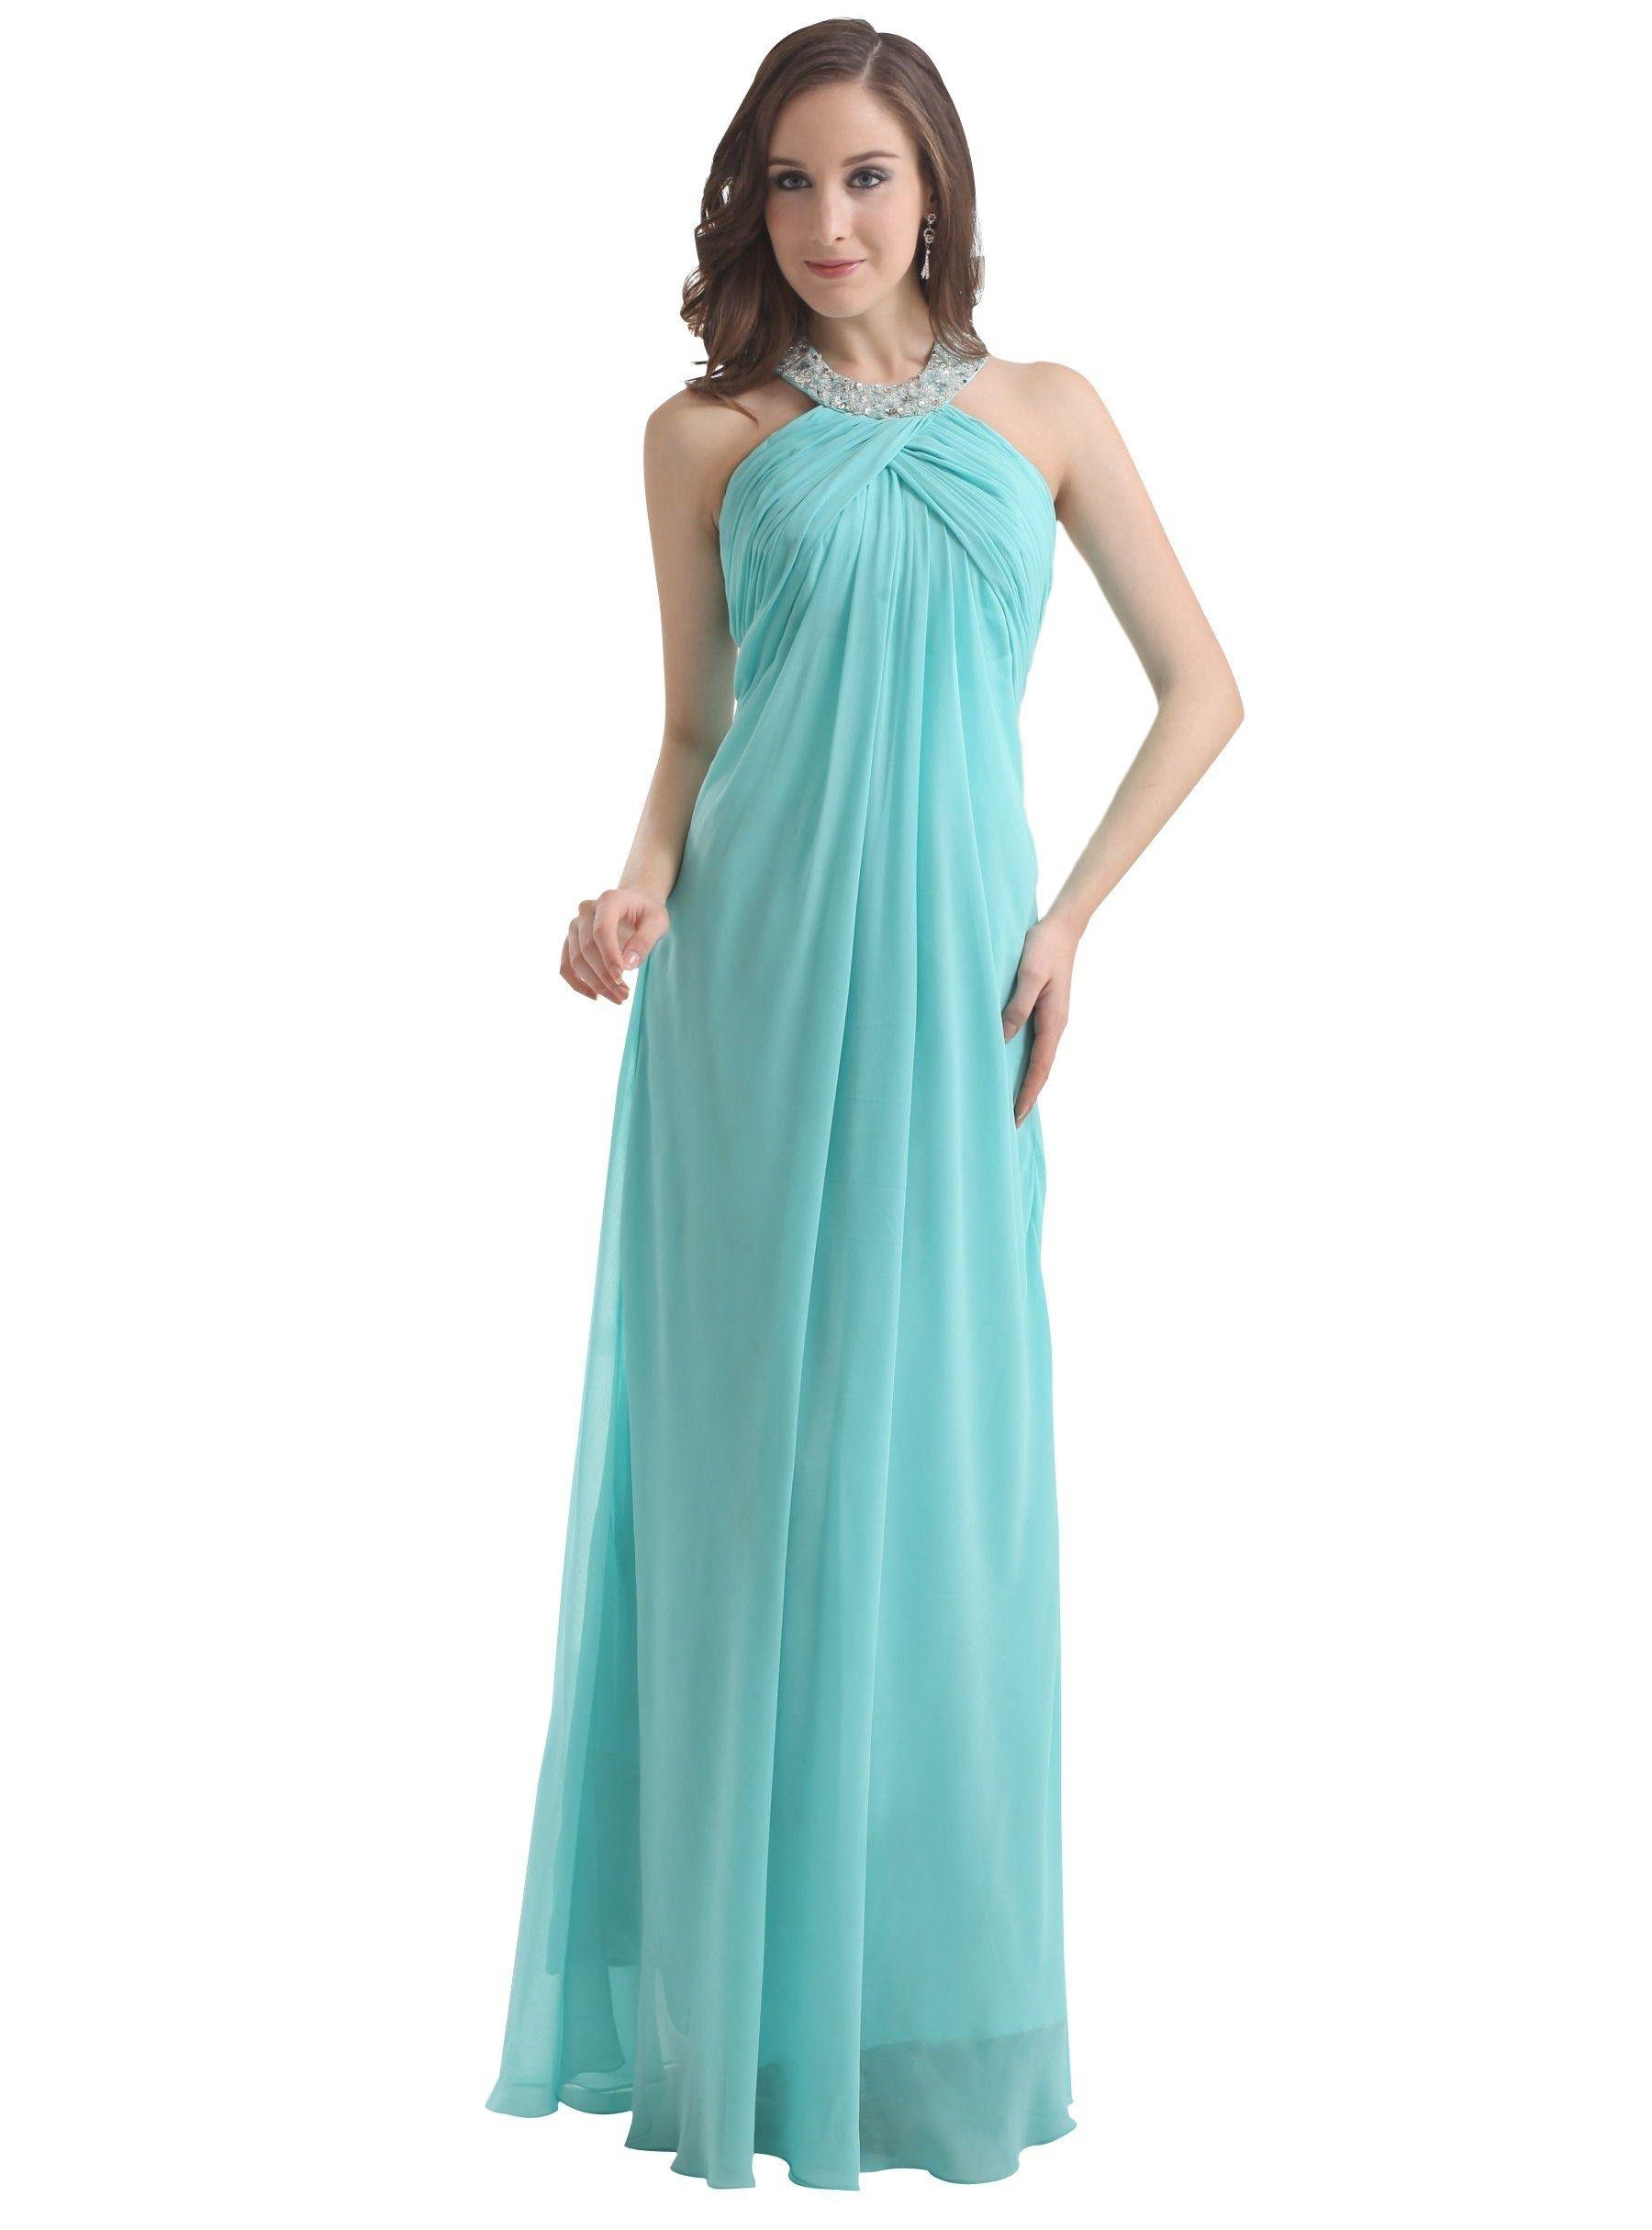 Formal Top Winterkleid Elegant Spezialgebiet20 Luxus Winterkleid Elegant Galerie